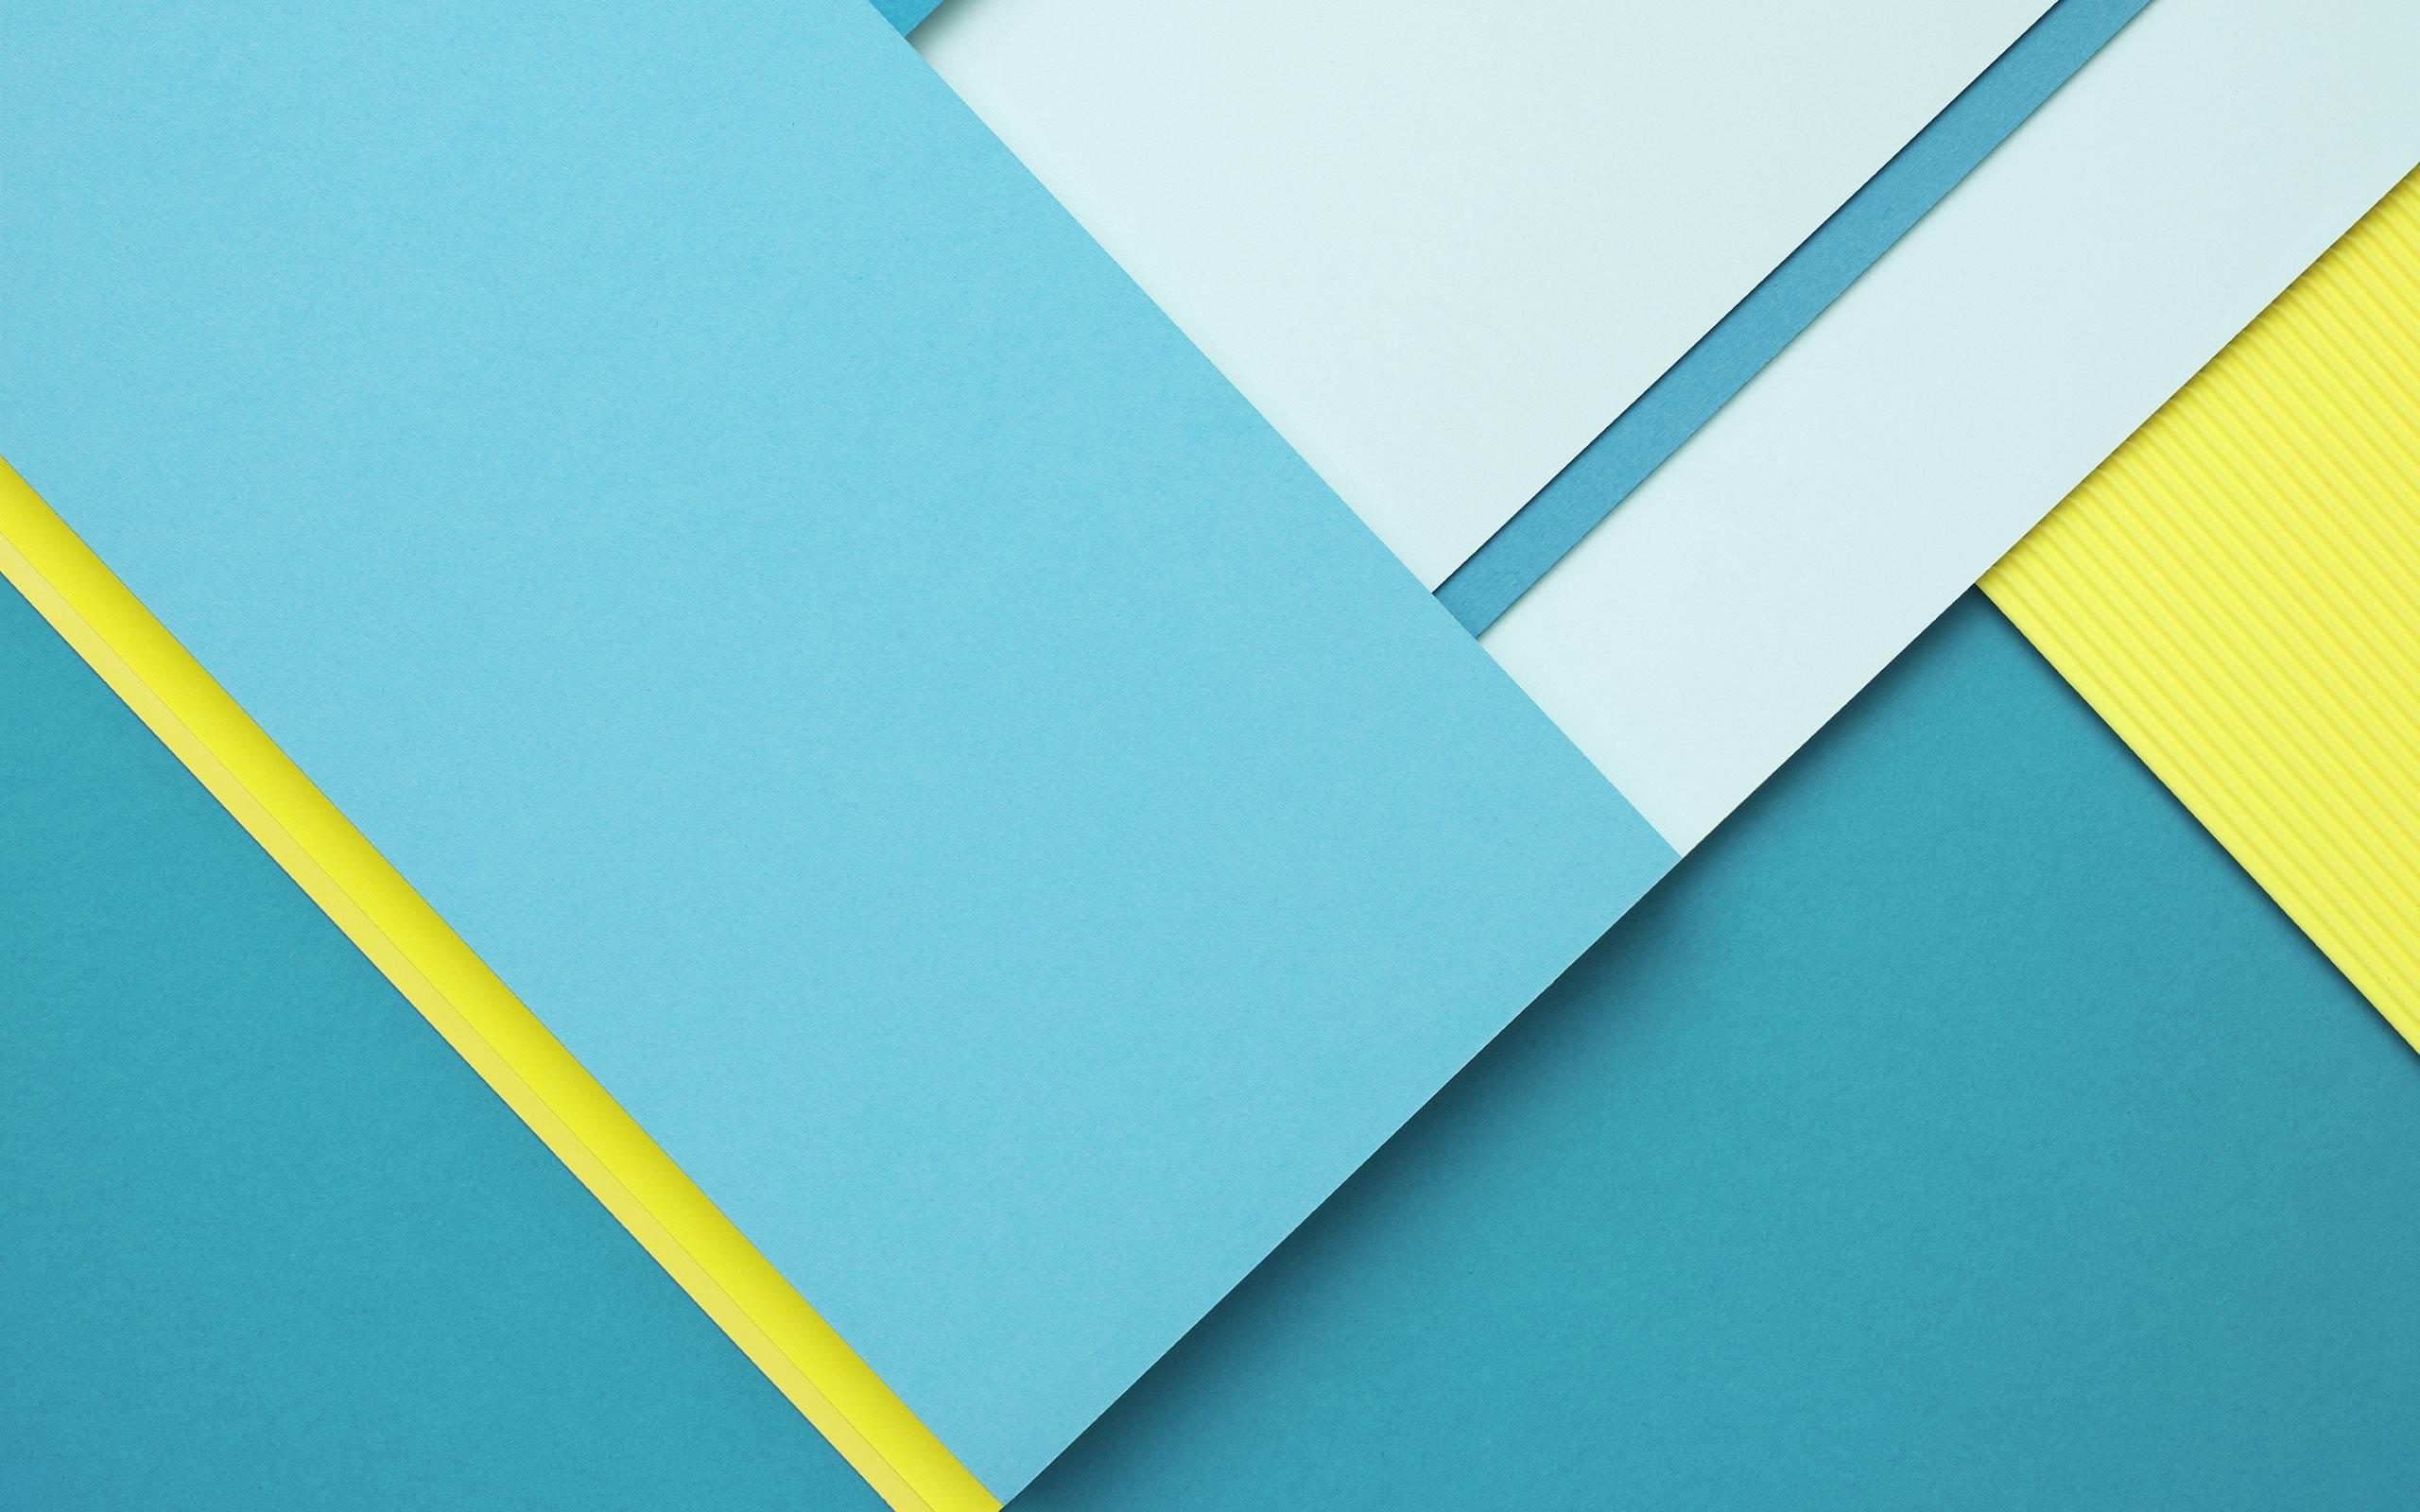 2560x1600 HD Wallpaper Google I O Paper Material Design